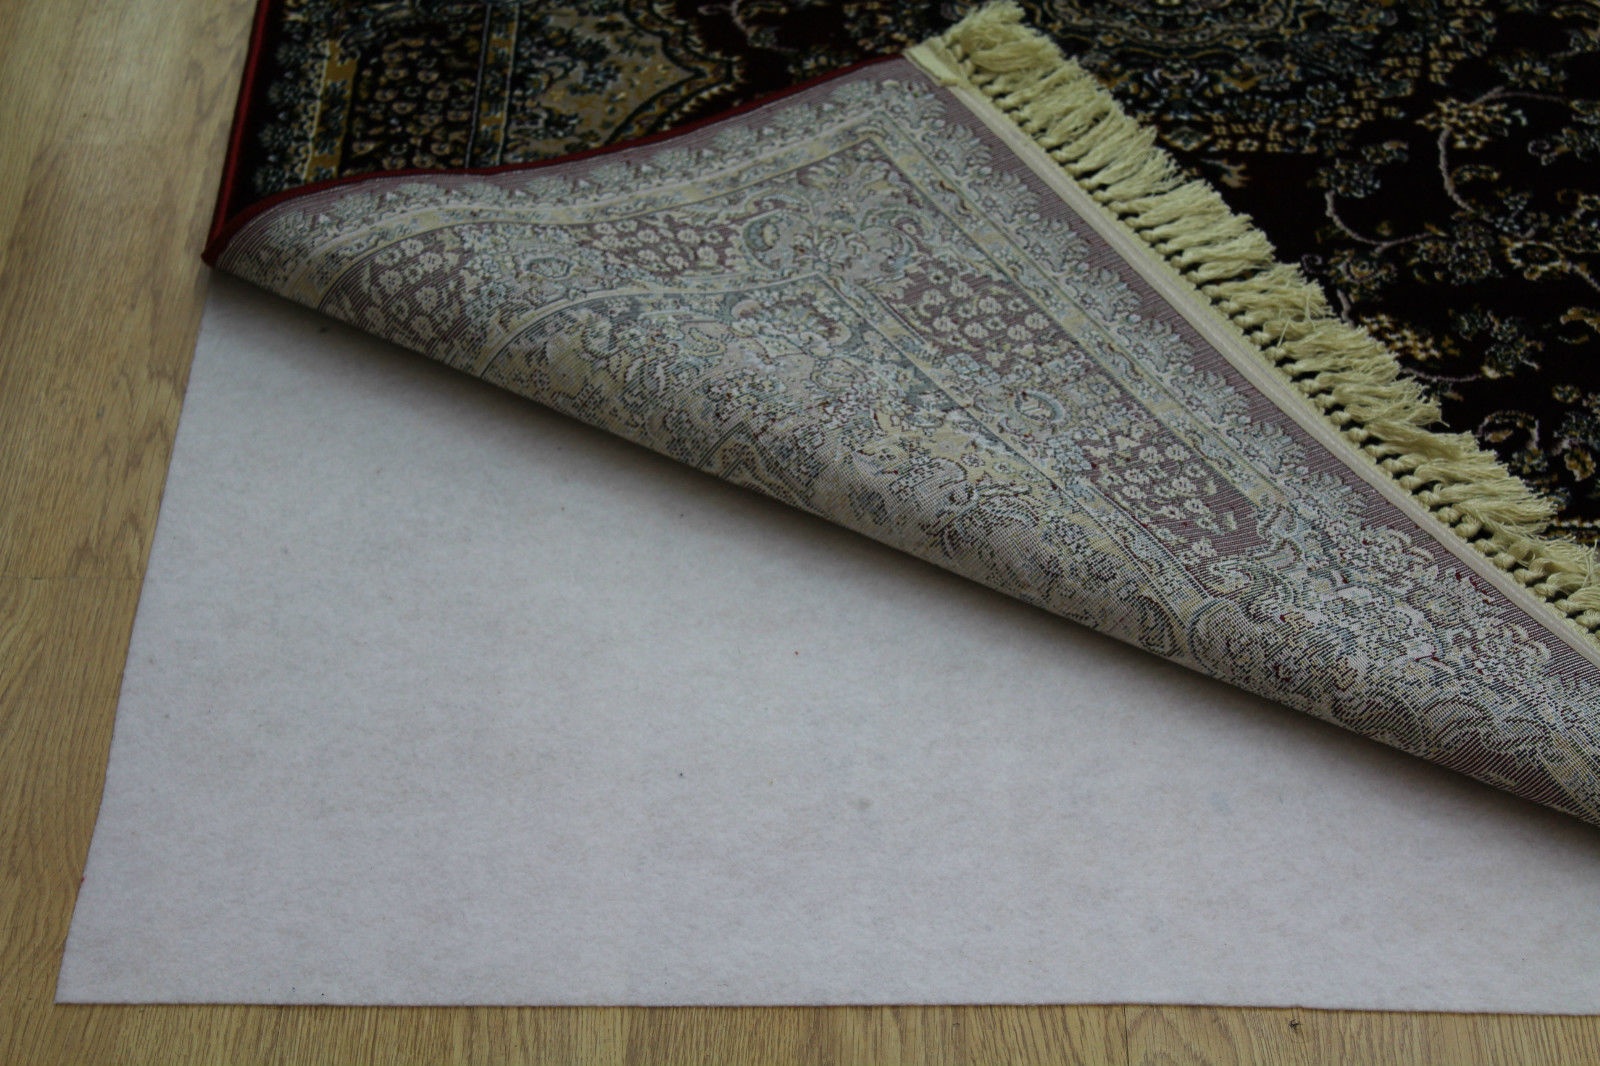 Tappeto A Tappeto Antiscivolo Tappeto Pinza Antiscivolo Tappetino del sottoposto per tutti i pavimenti duri